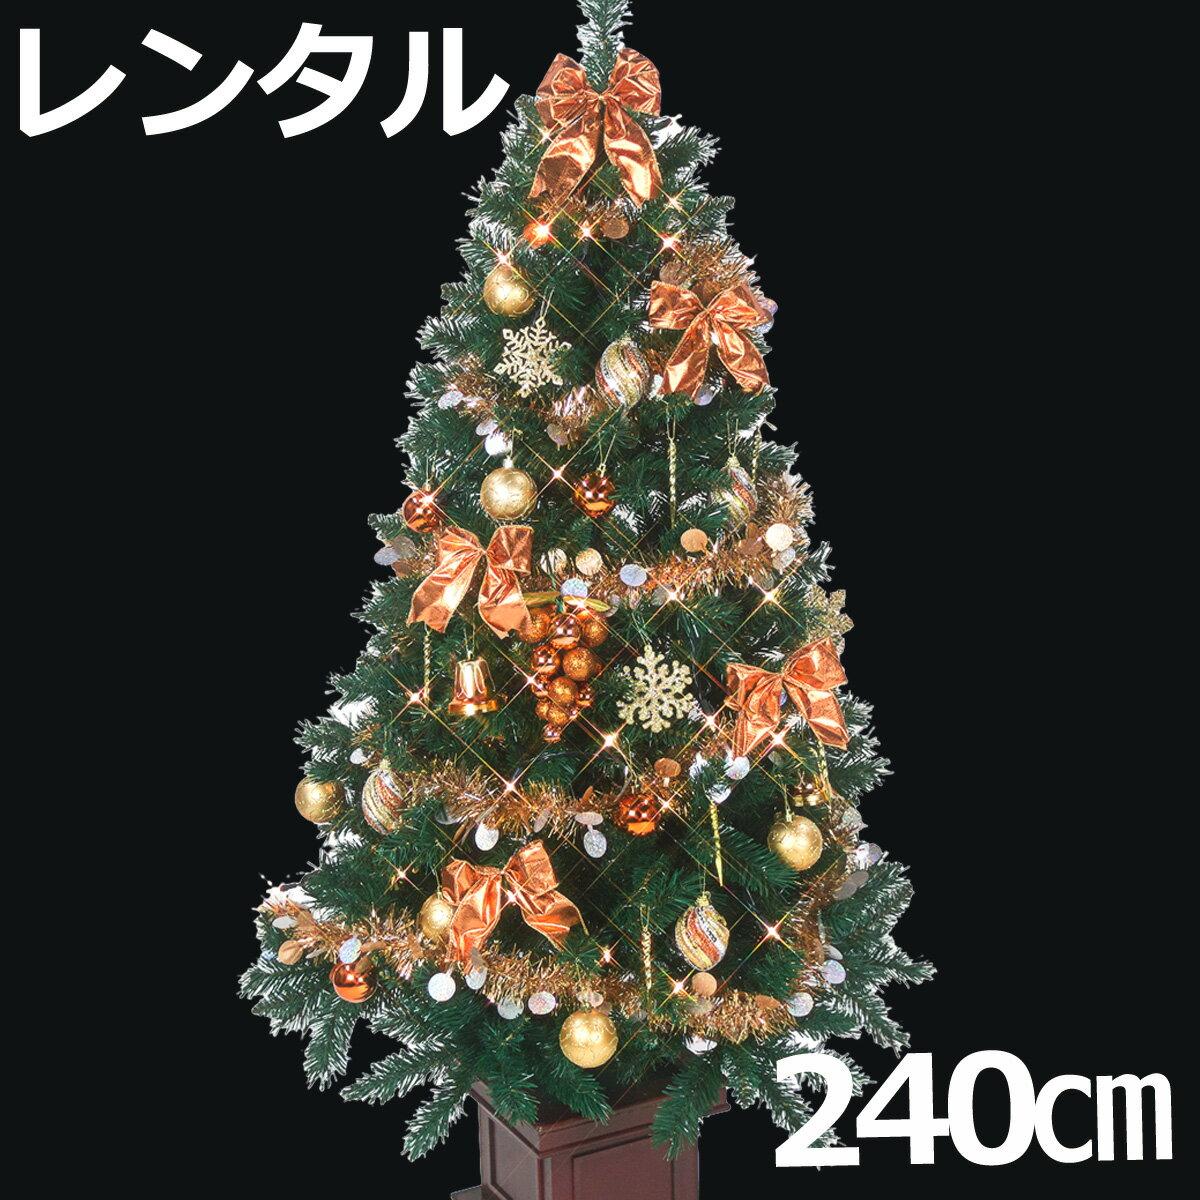 【レンタル】 クリスマスツリー セット 240cm 木製ポット付 コパー&ゴールド 【往復 送料無料】 クリスマスツリー レンタル fy16REN07